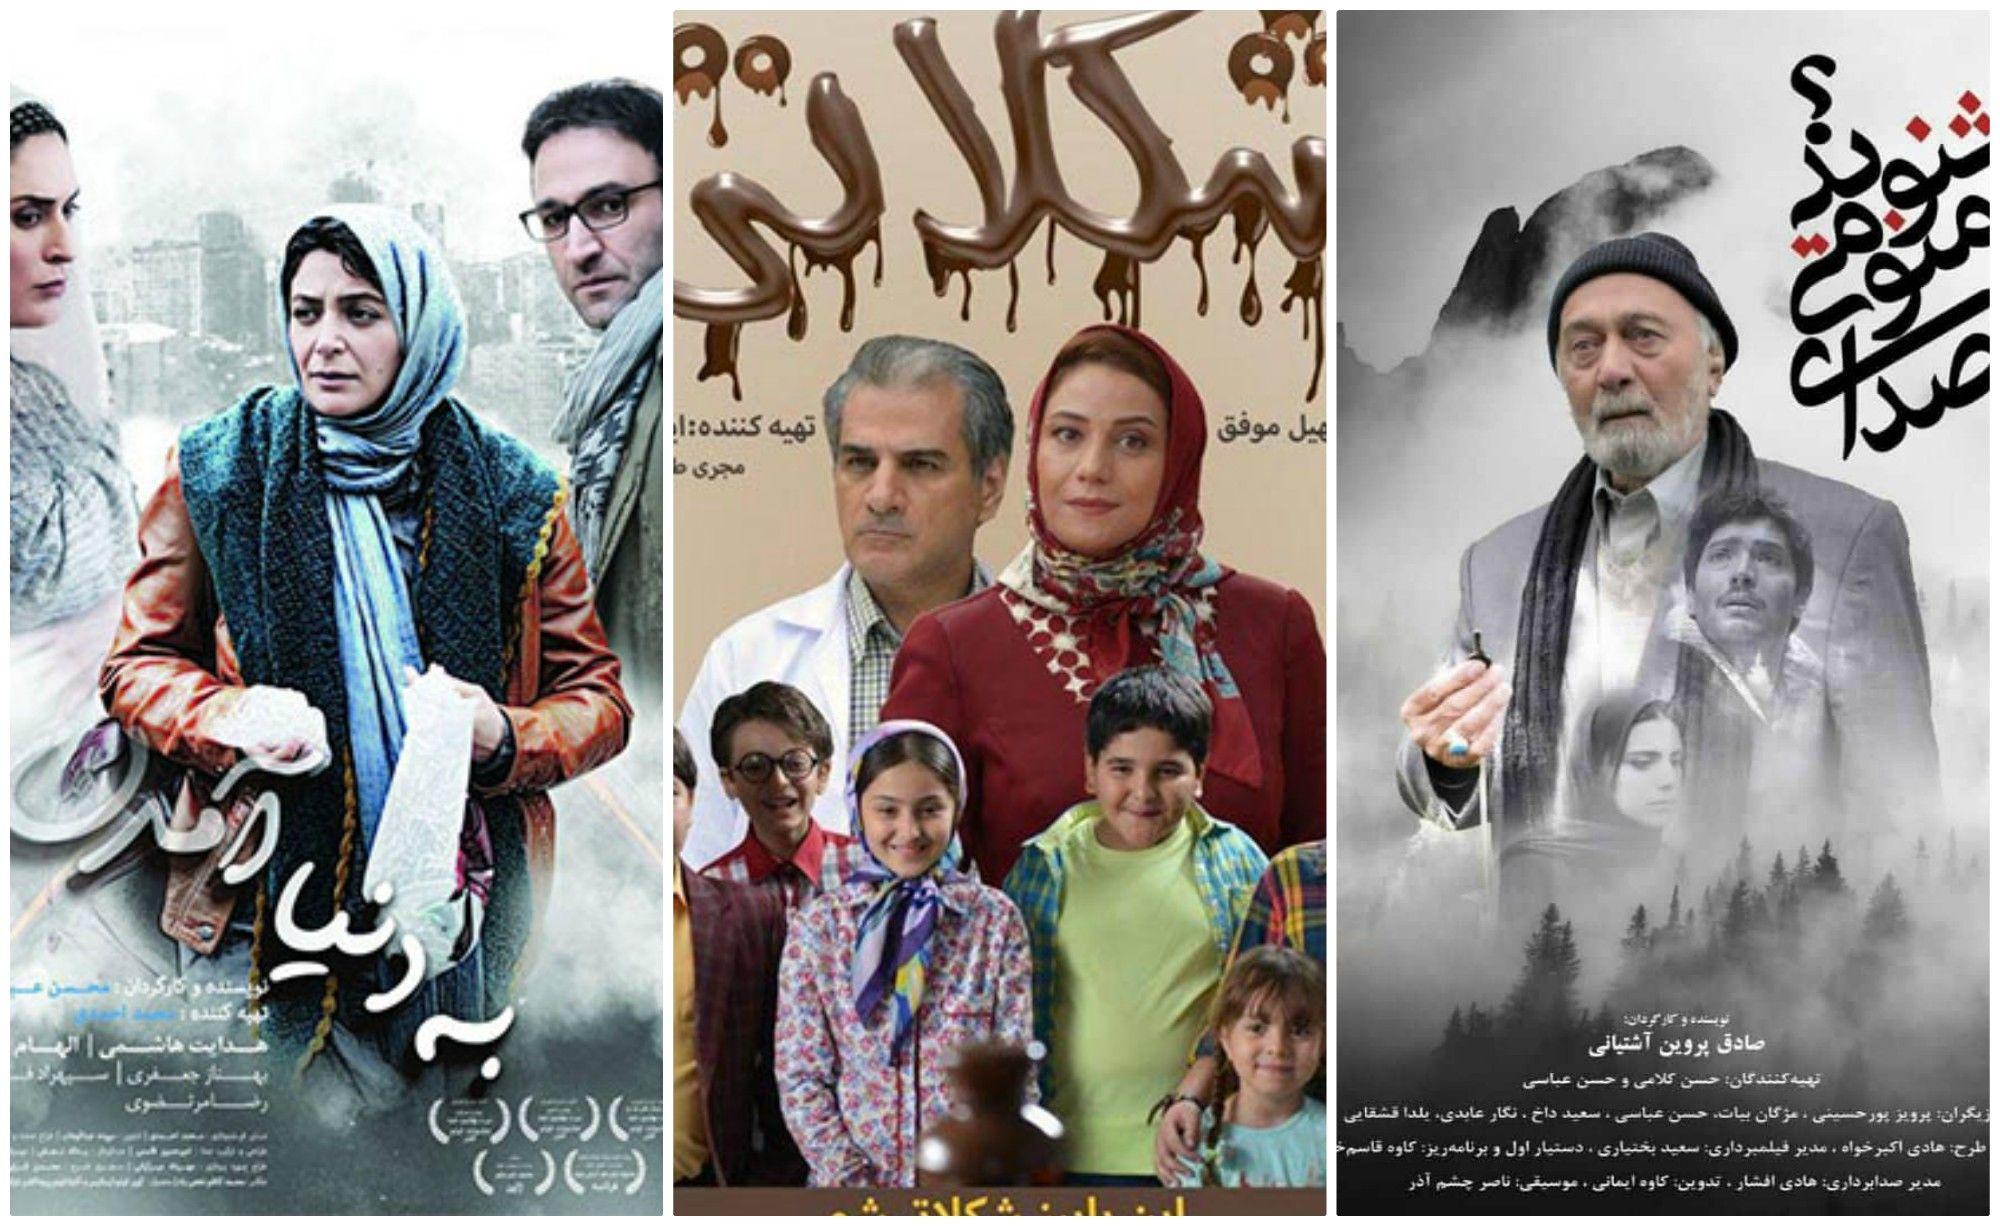 فهرست فیلم کامل فیلم هایی که از تلویزیون پخش می شود